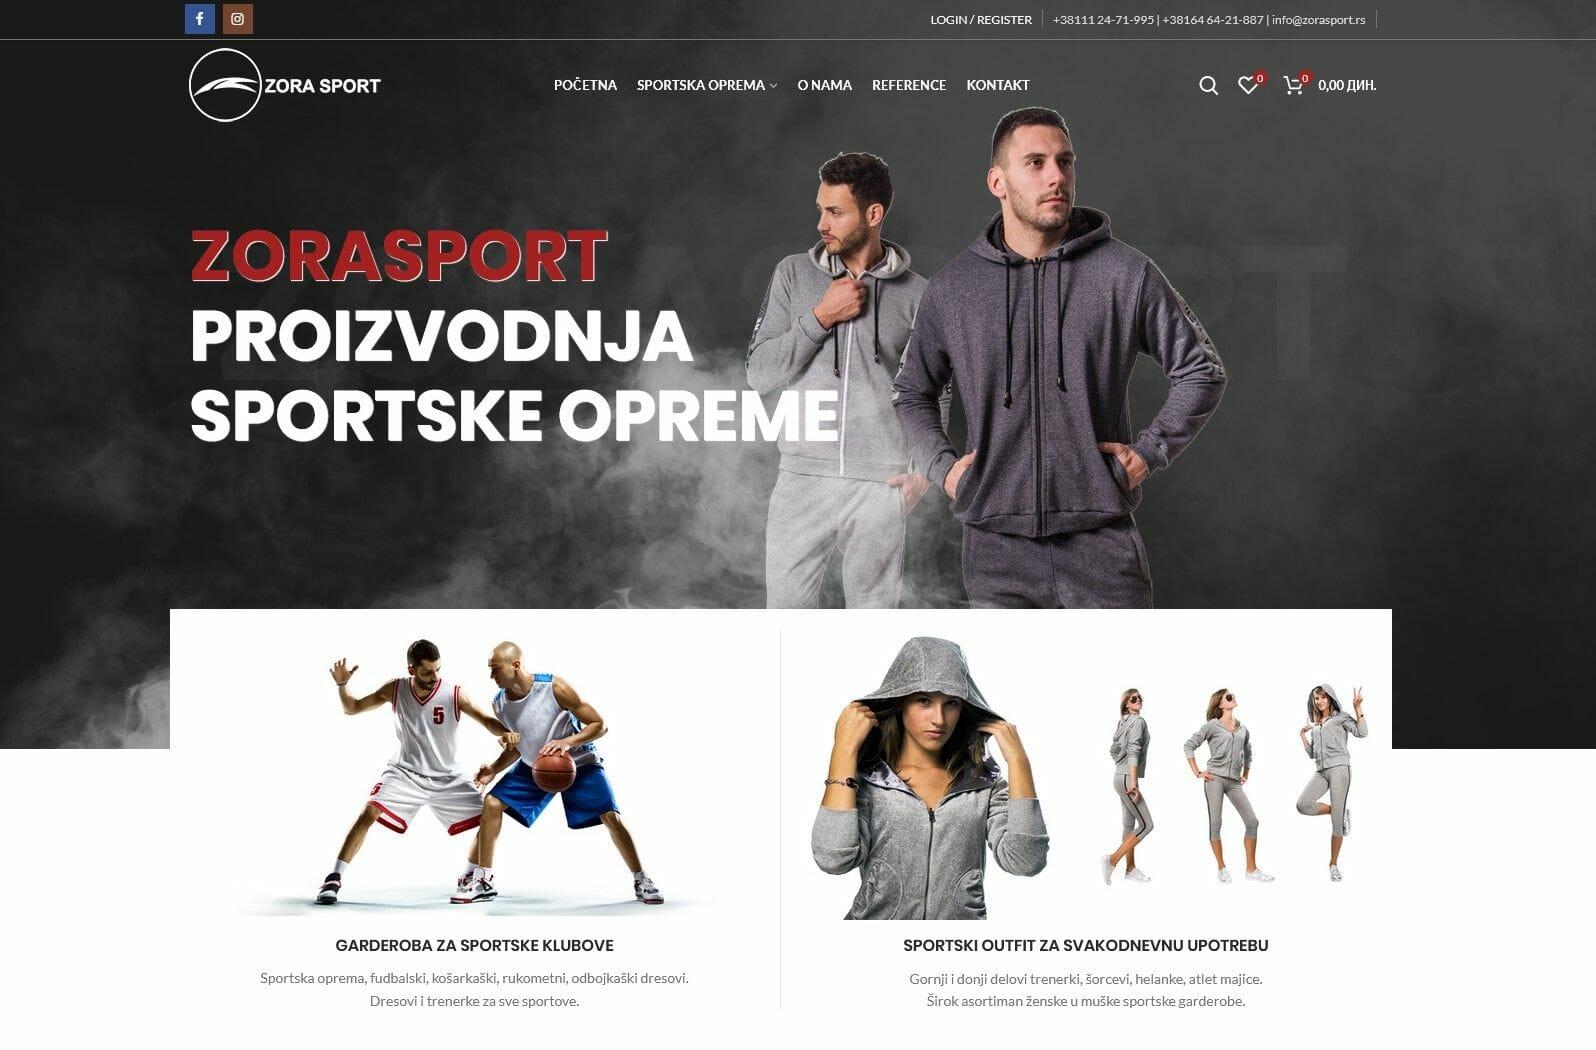 izrada sajta za prodavnicu sportke opreme